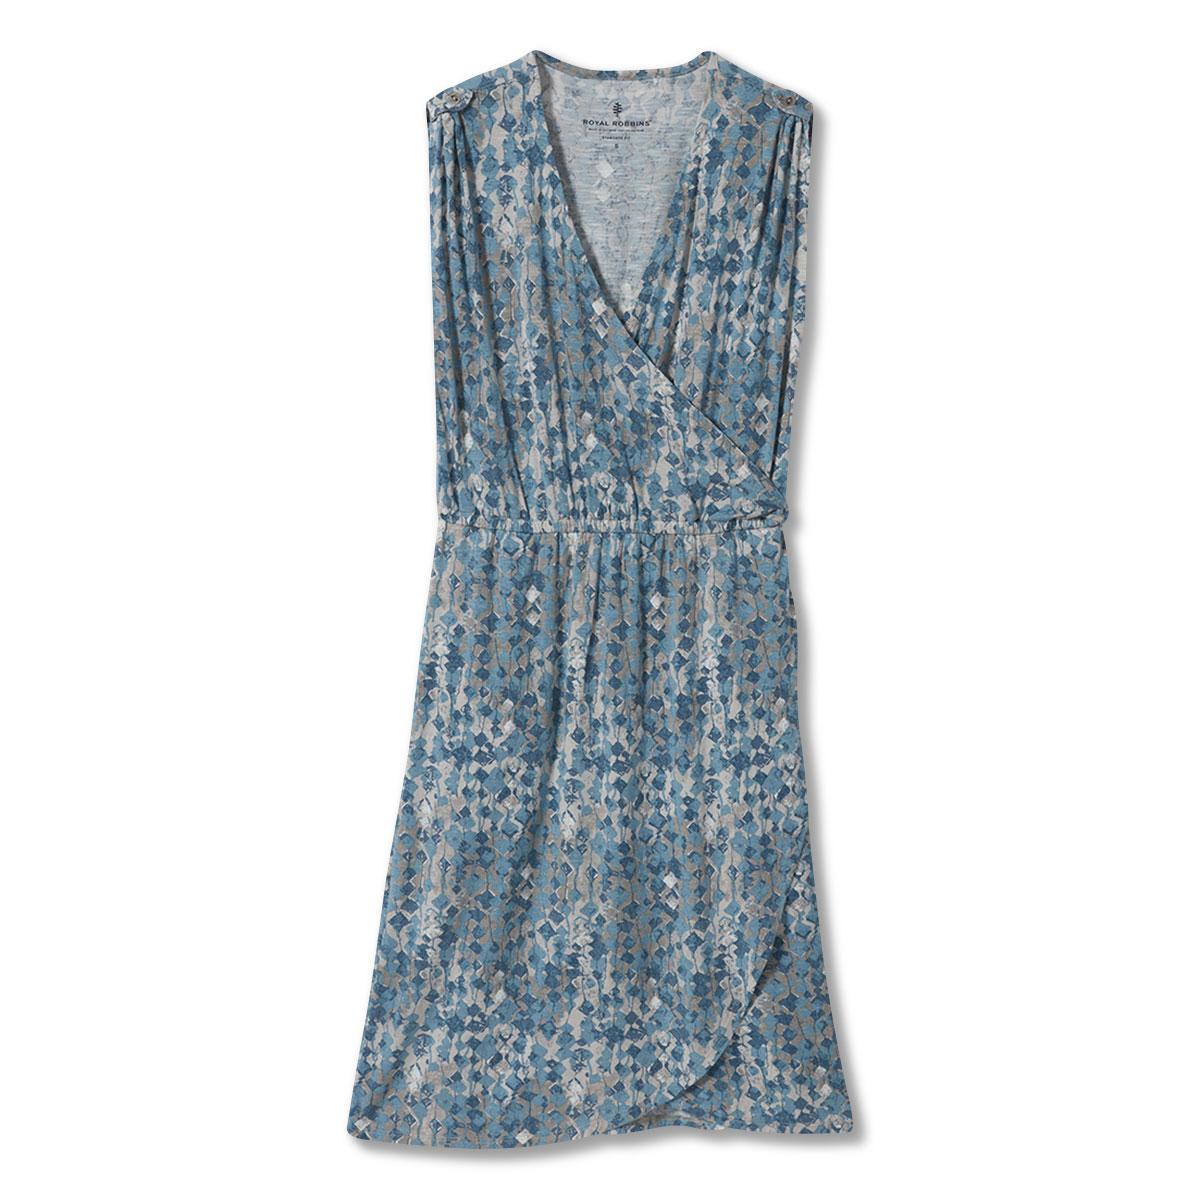 Noe cross-over dress